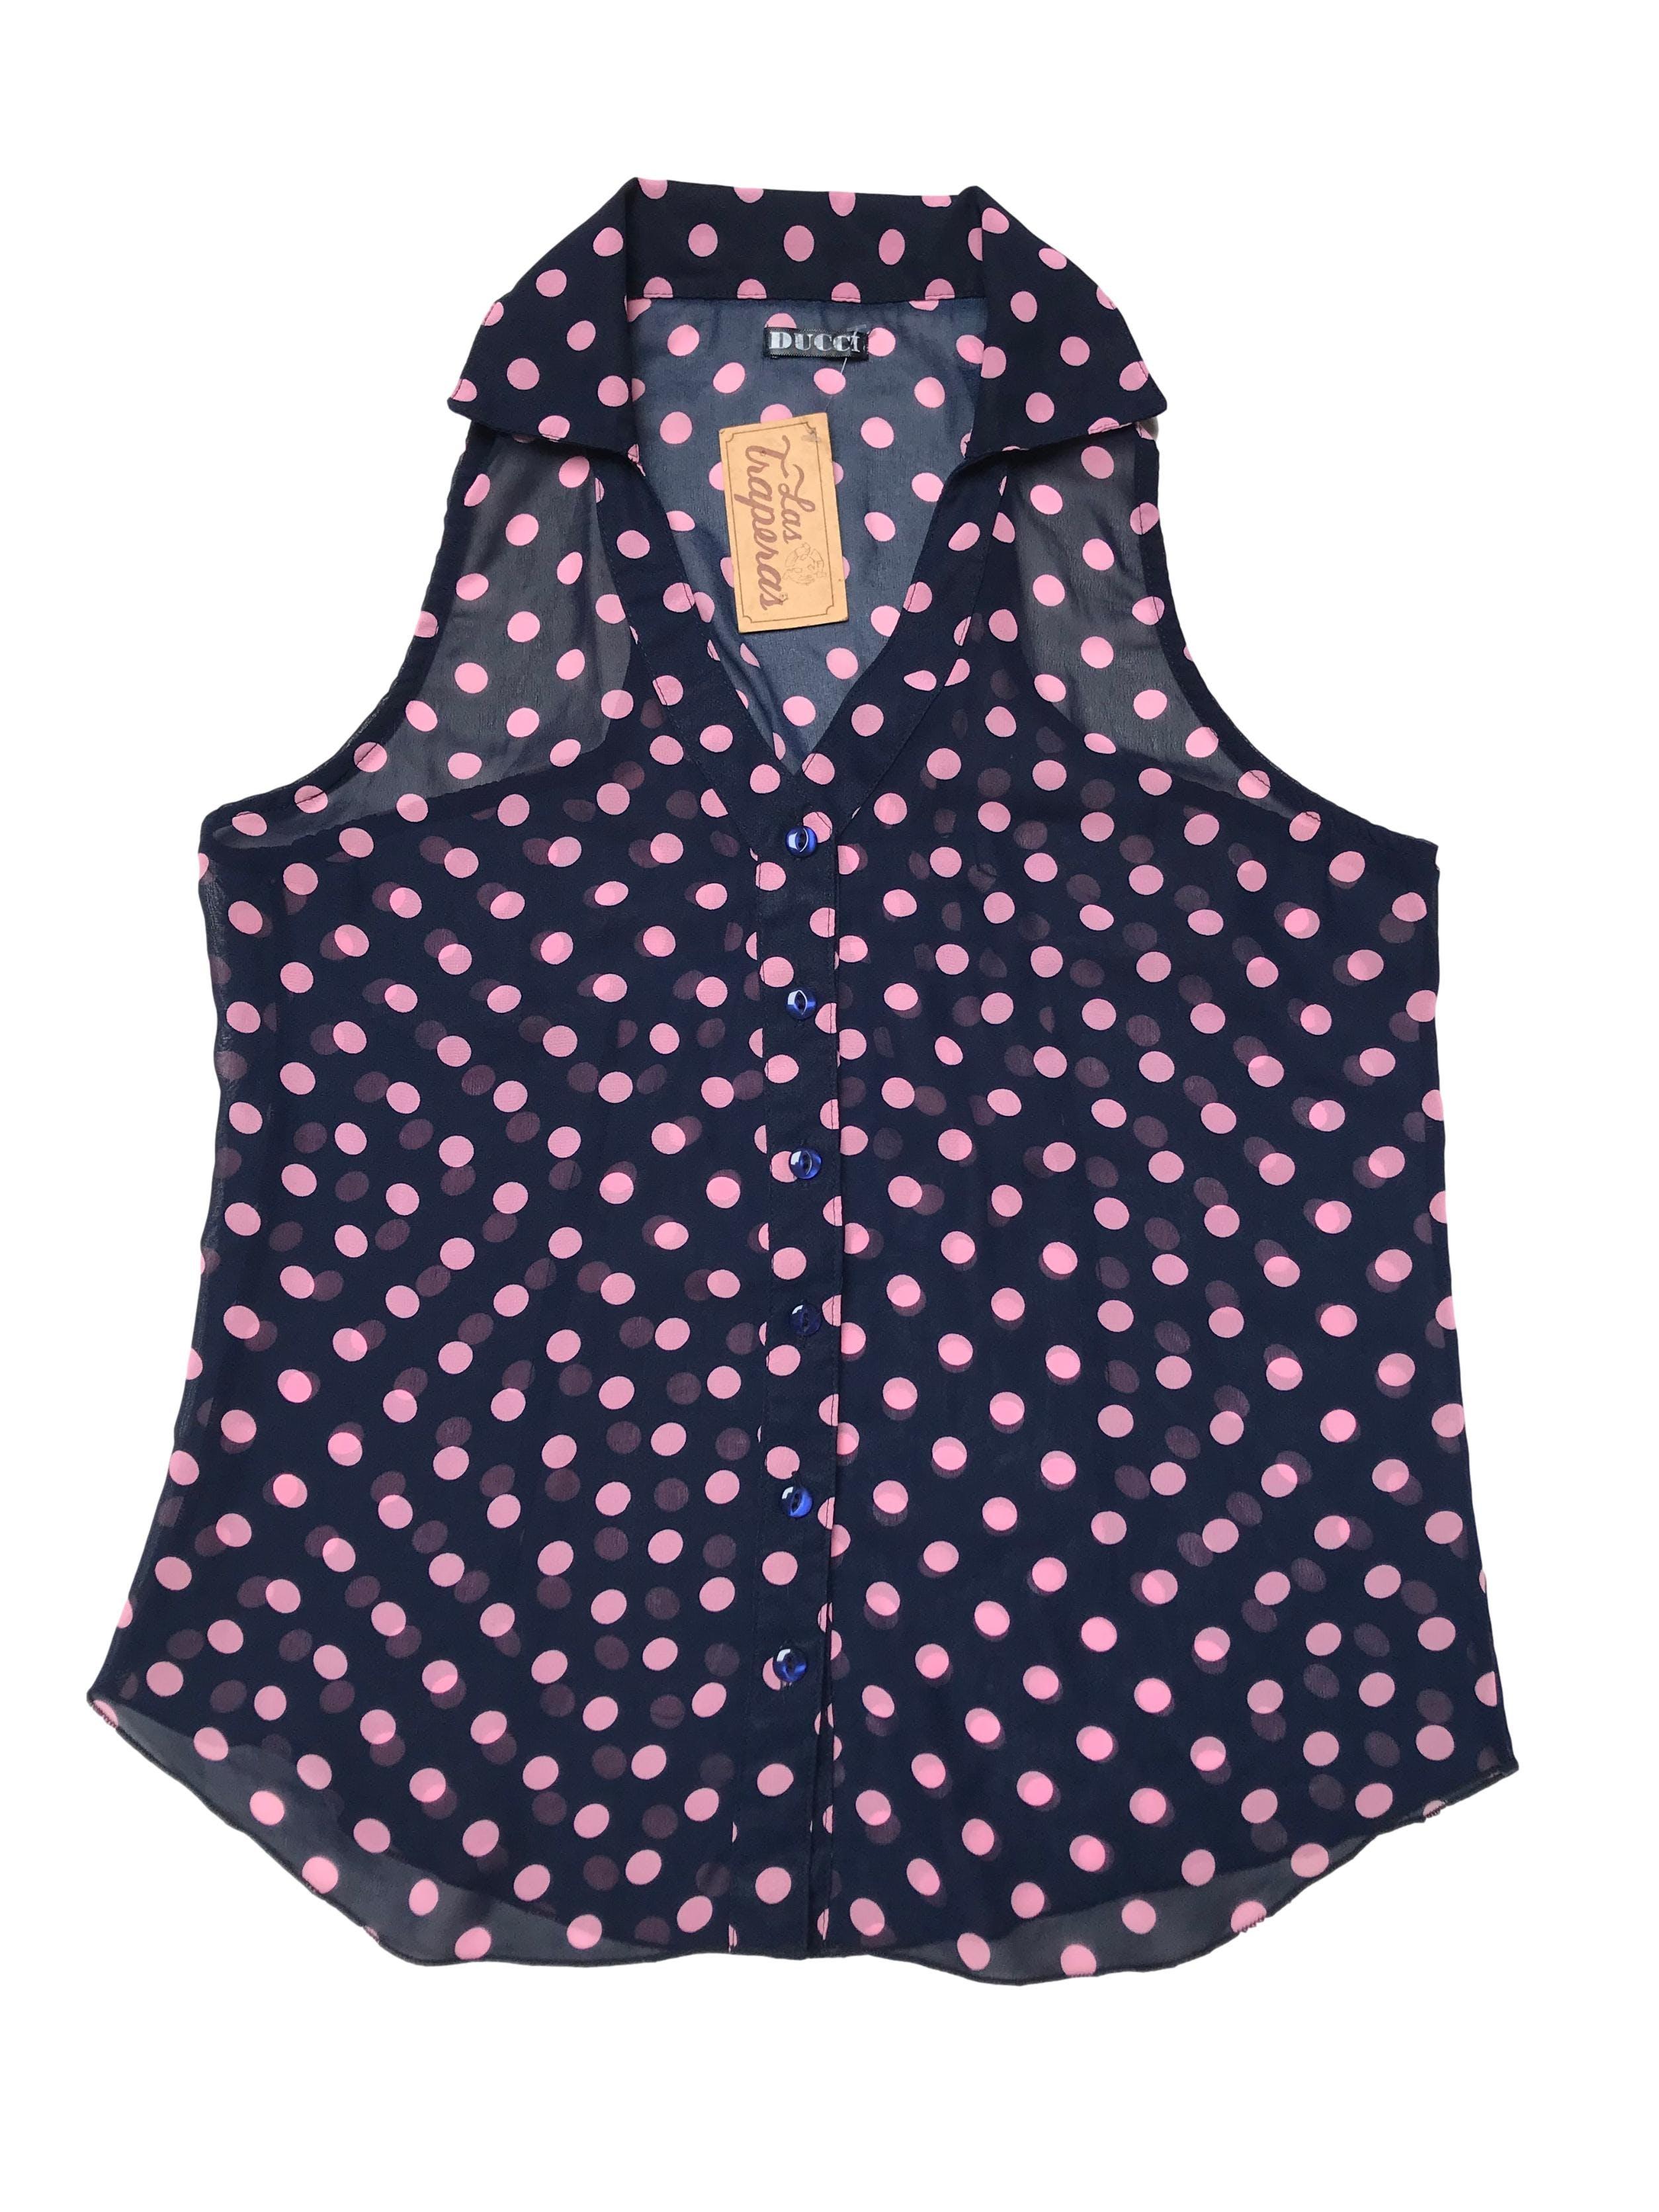 Blusa de gasa azul con lunares rosadas, escote en V y fila de botones